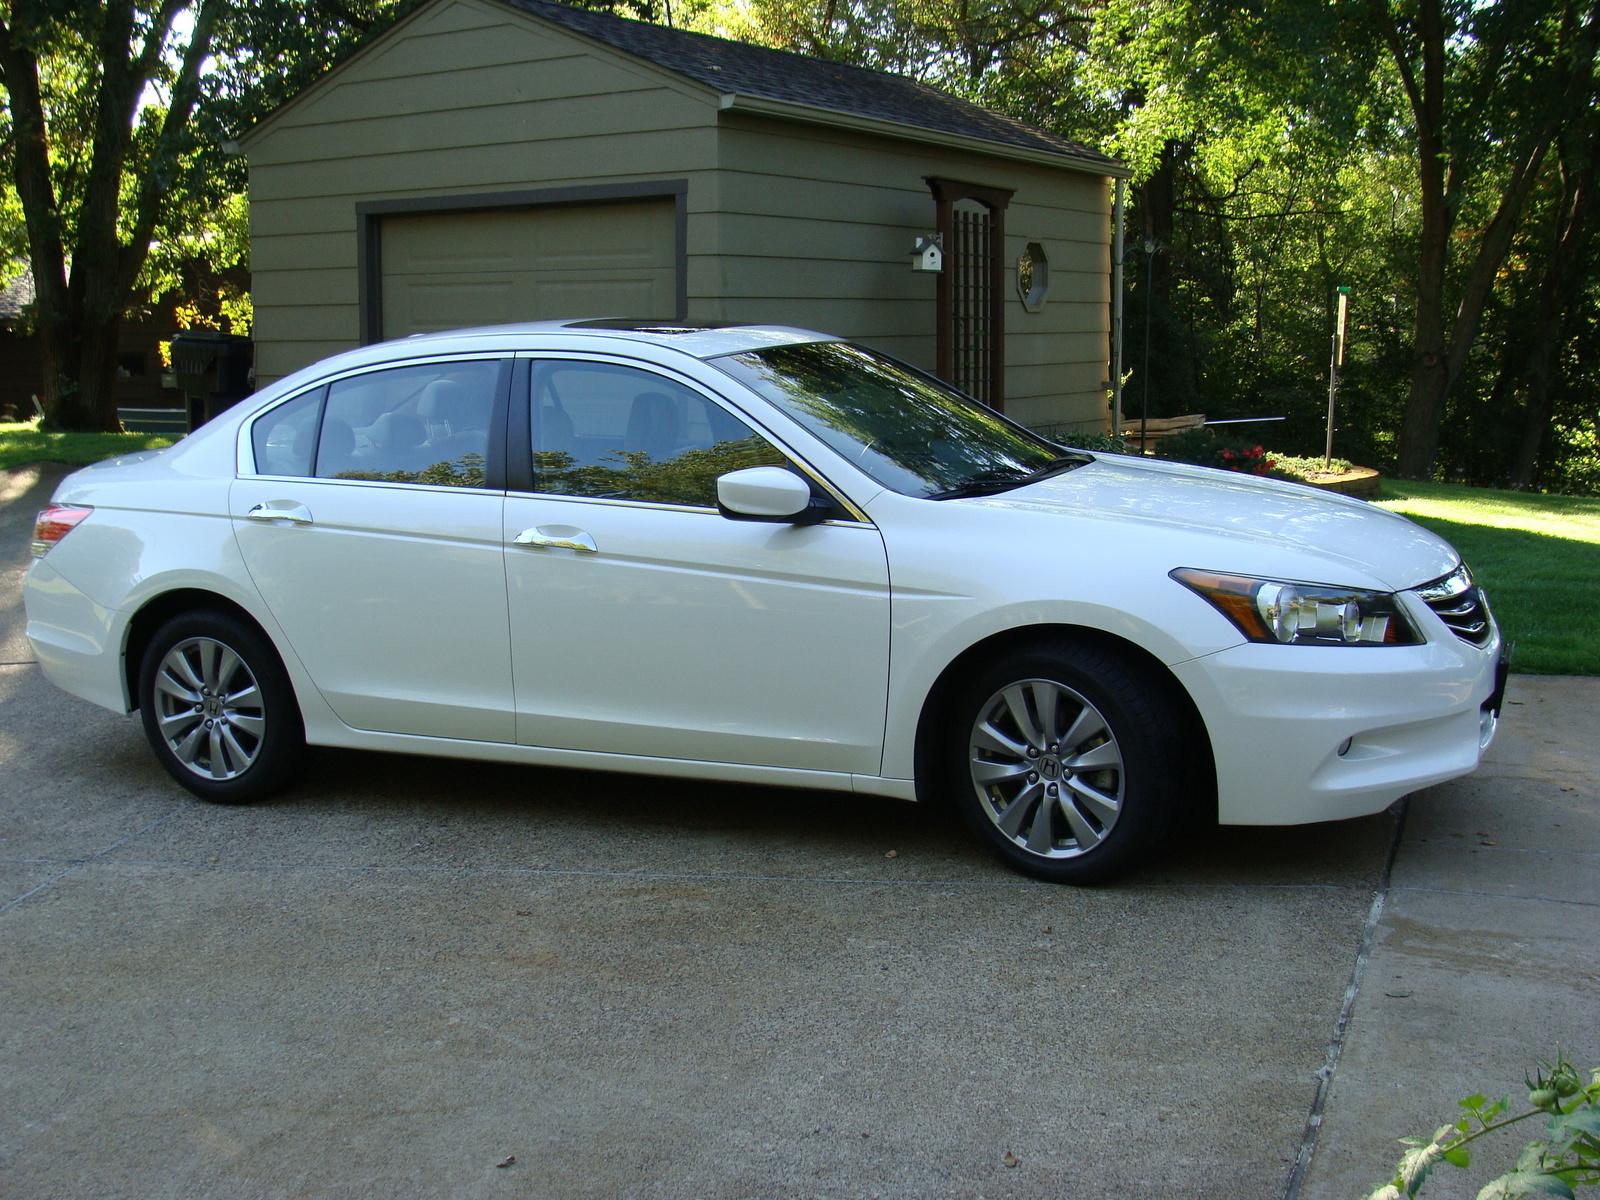 2012 Honda Accord Pictures Cargurus